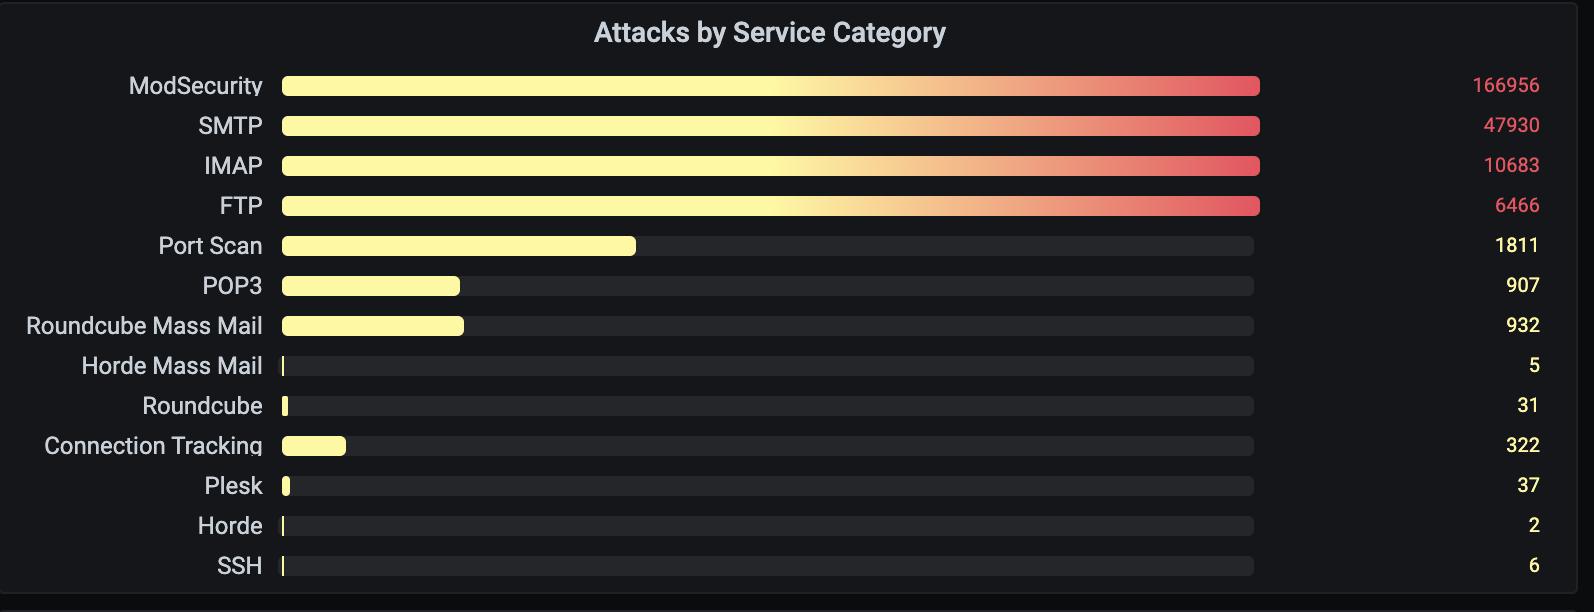 Firewall Based Reputation System 1